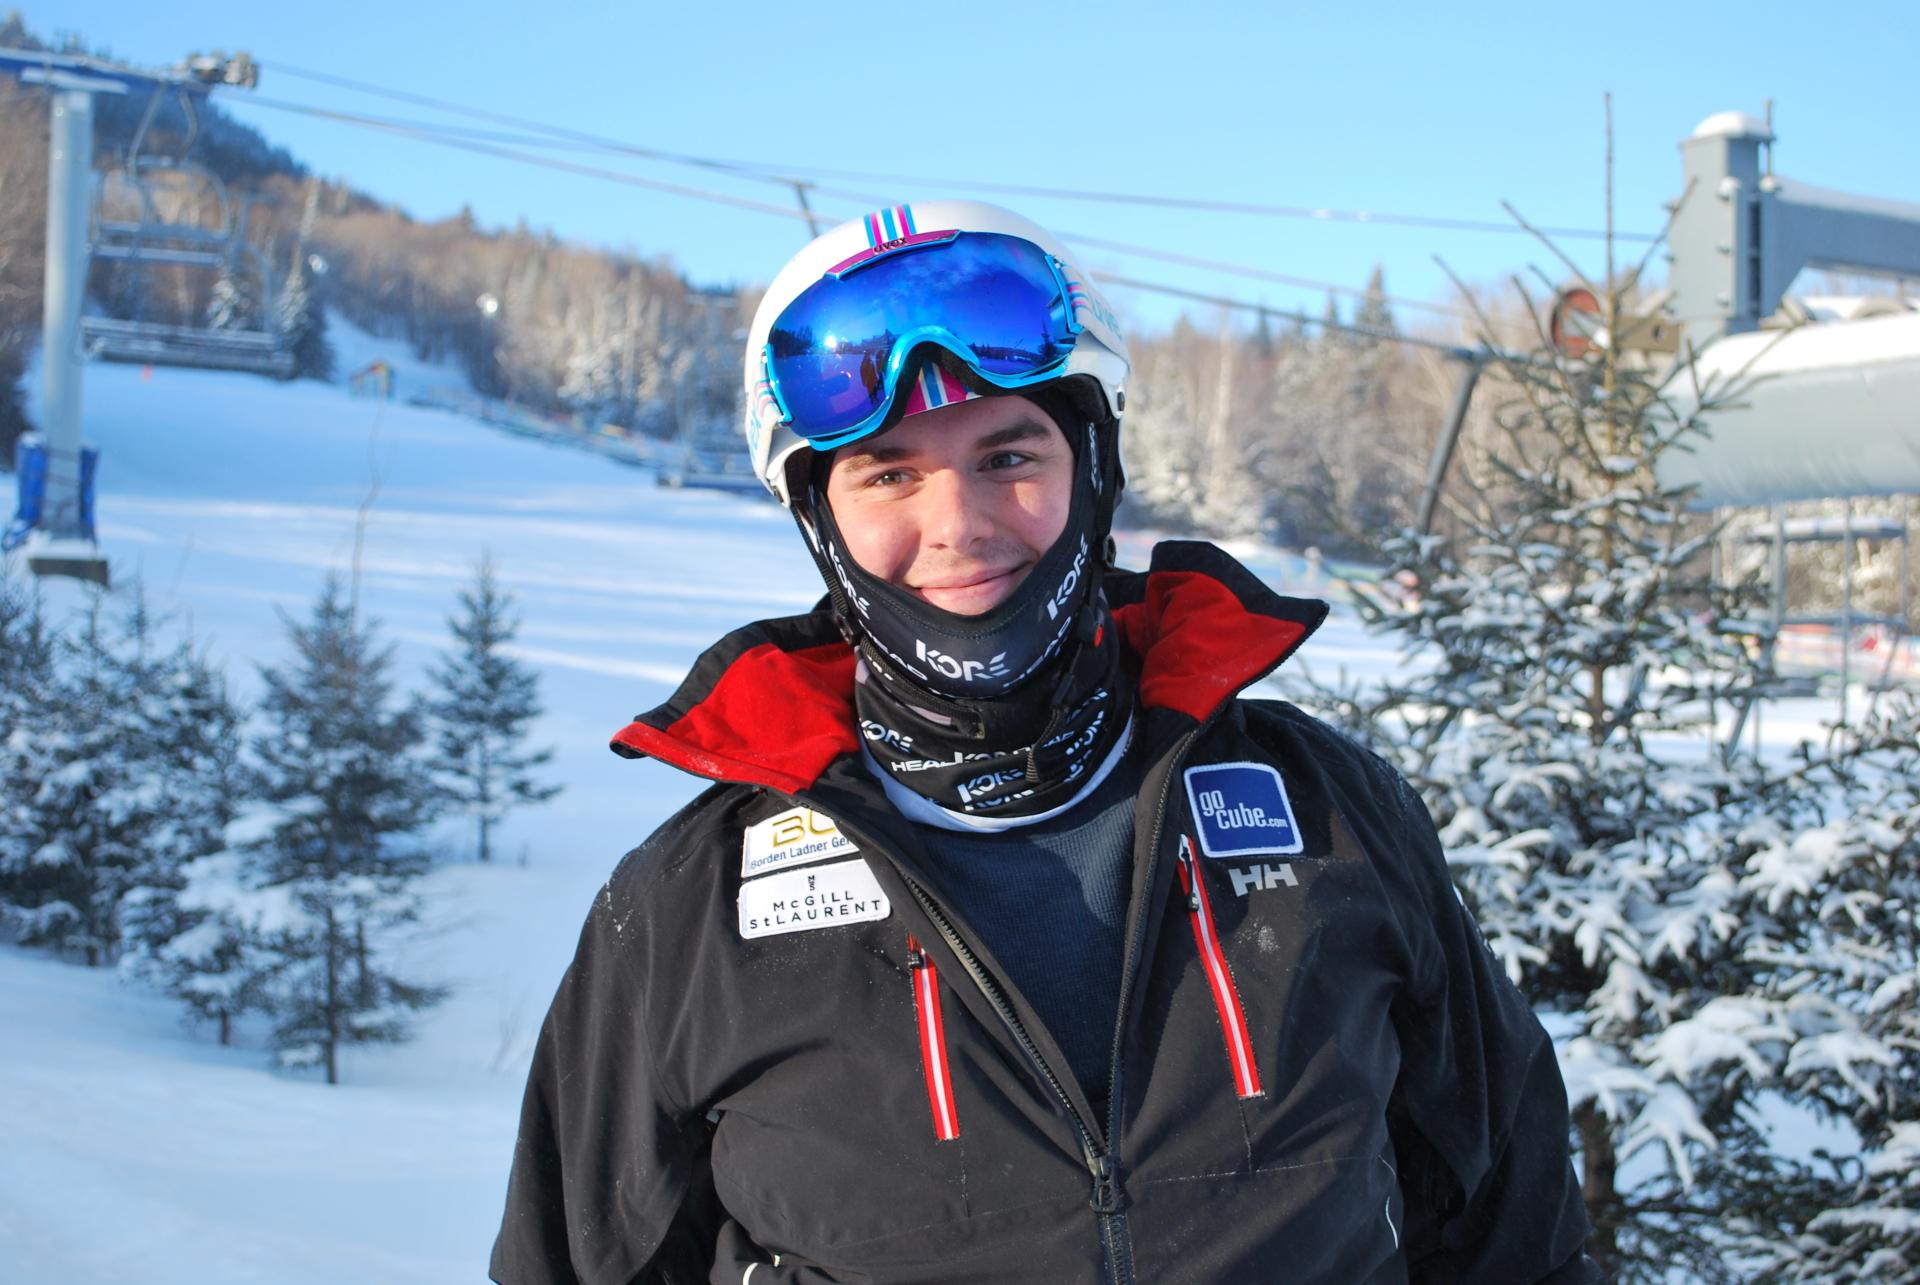 Laurent Savoie